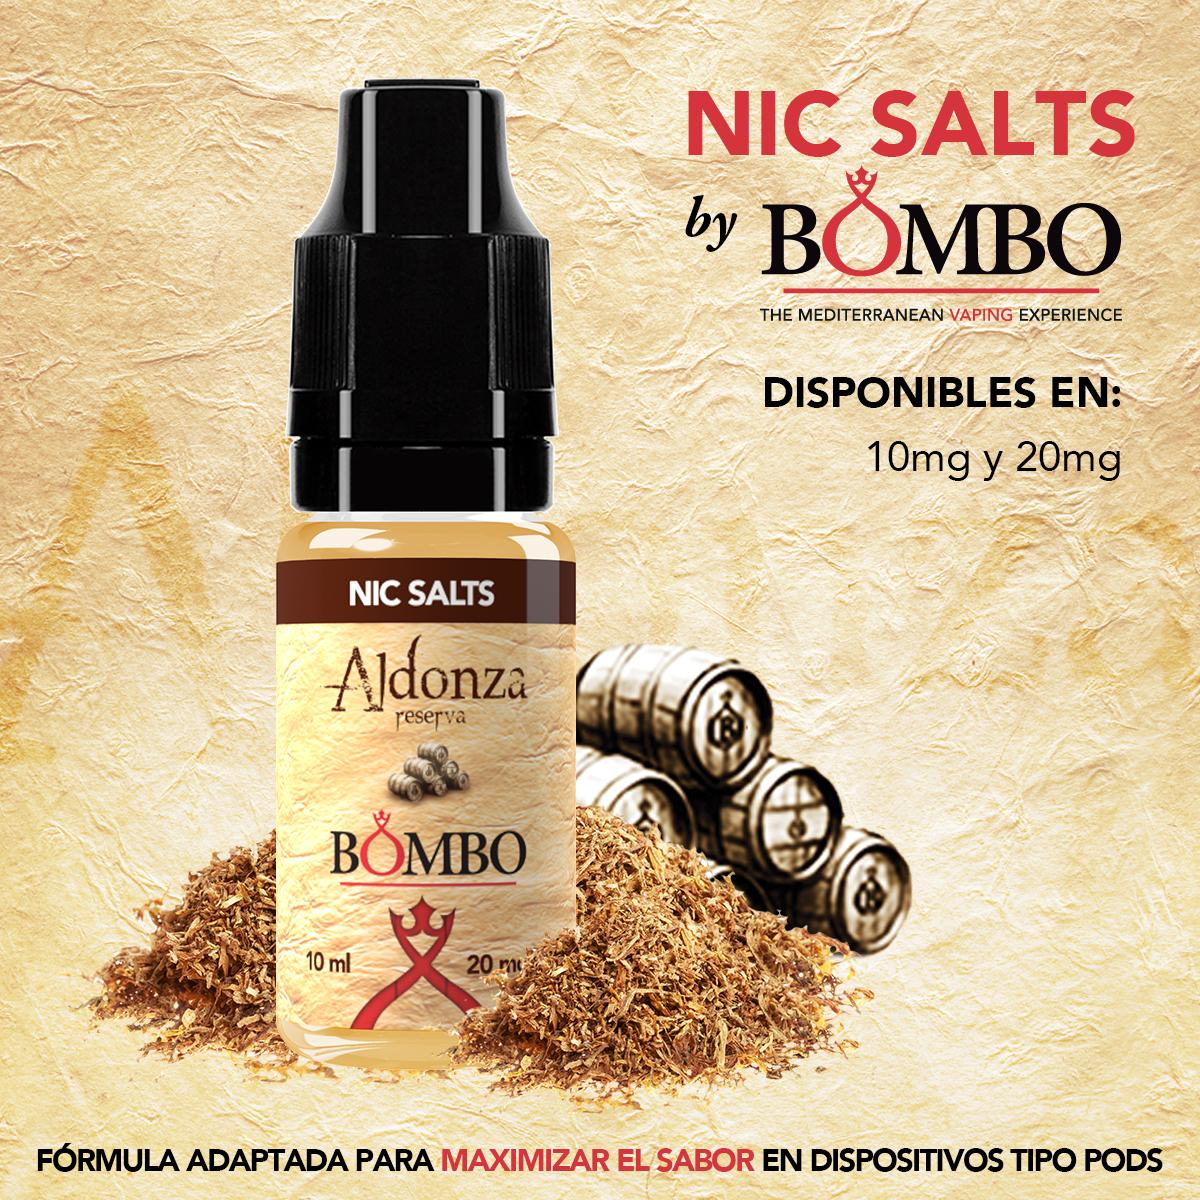 aldonza bombo eliquids nic salts sales de nicotina